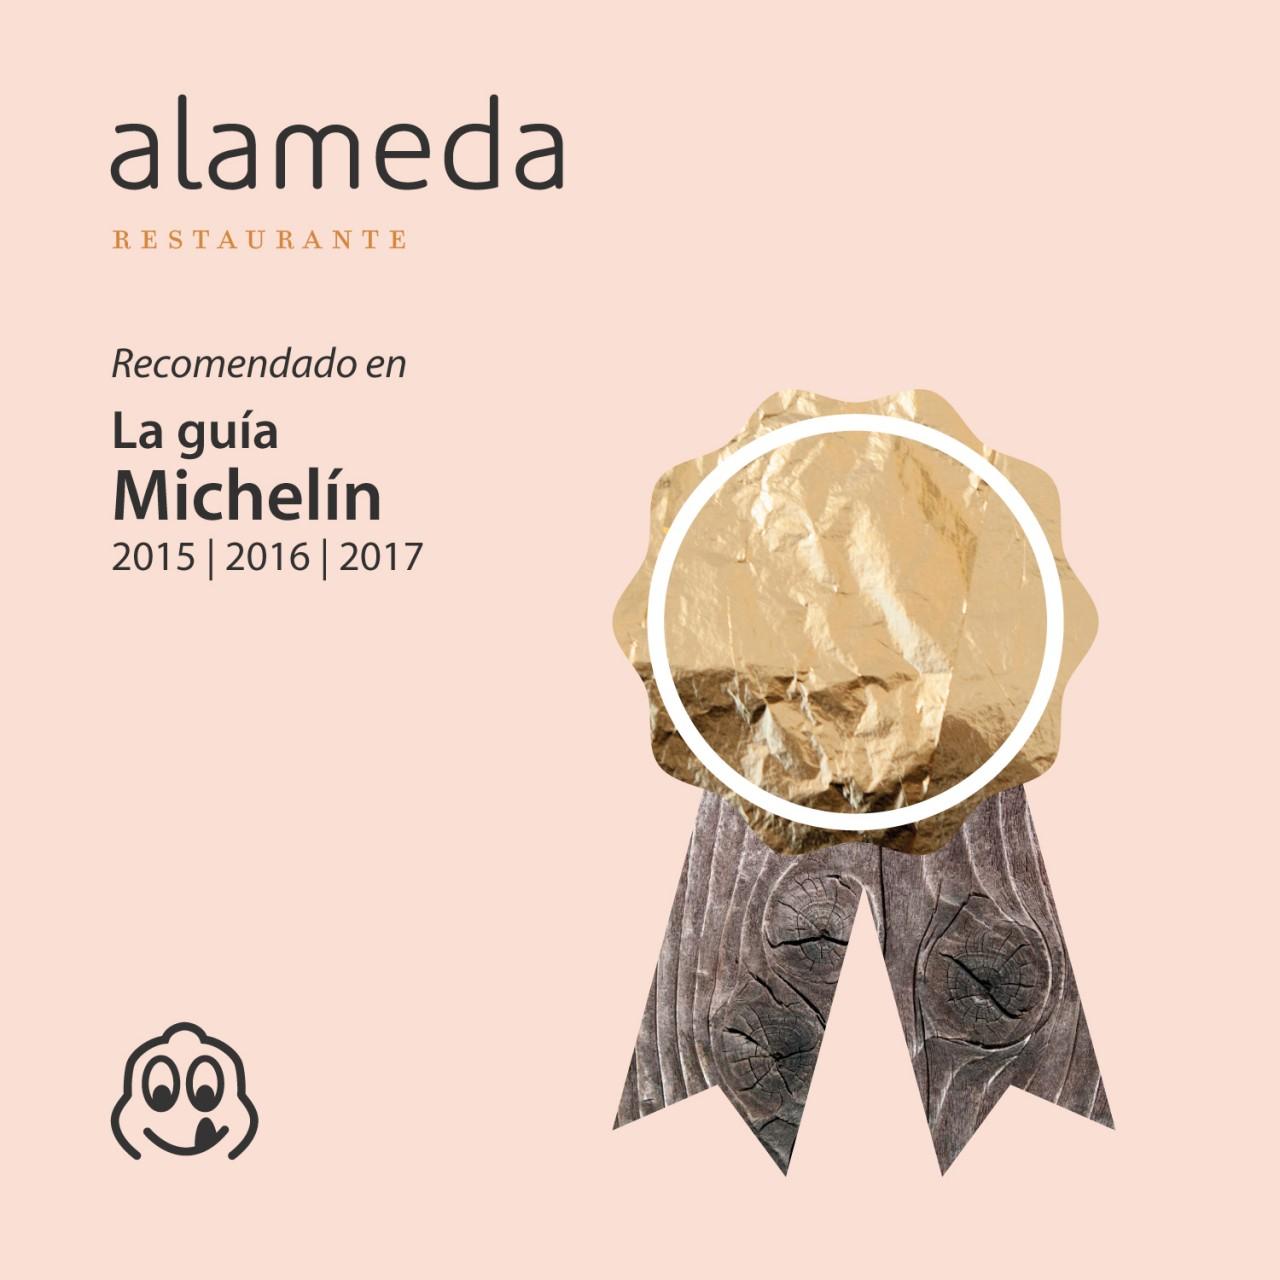 guia-michelin-alameda